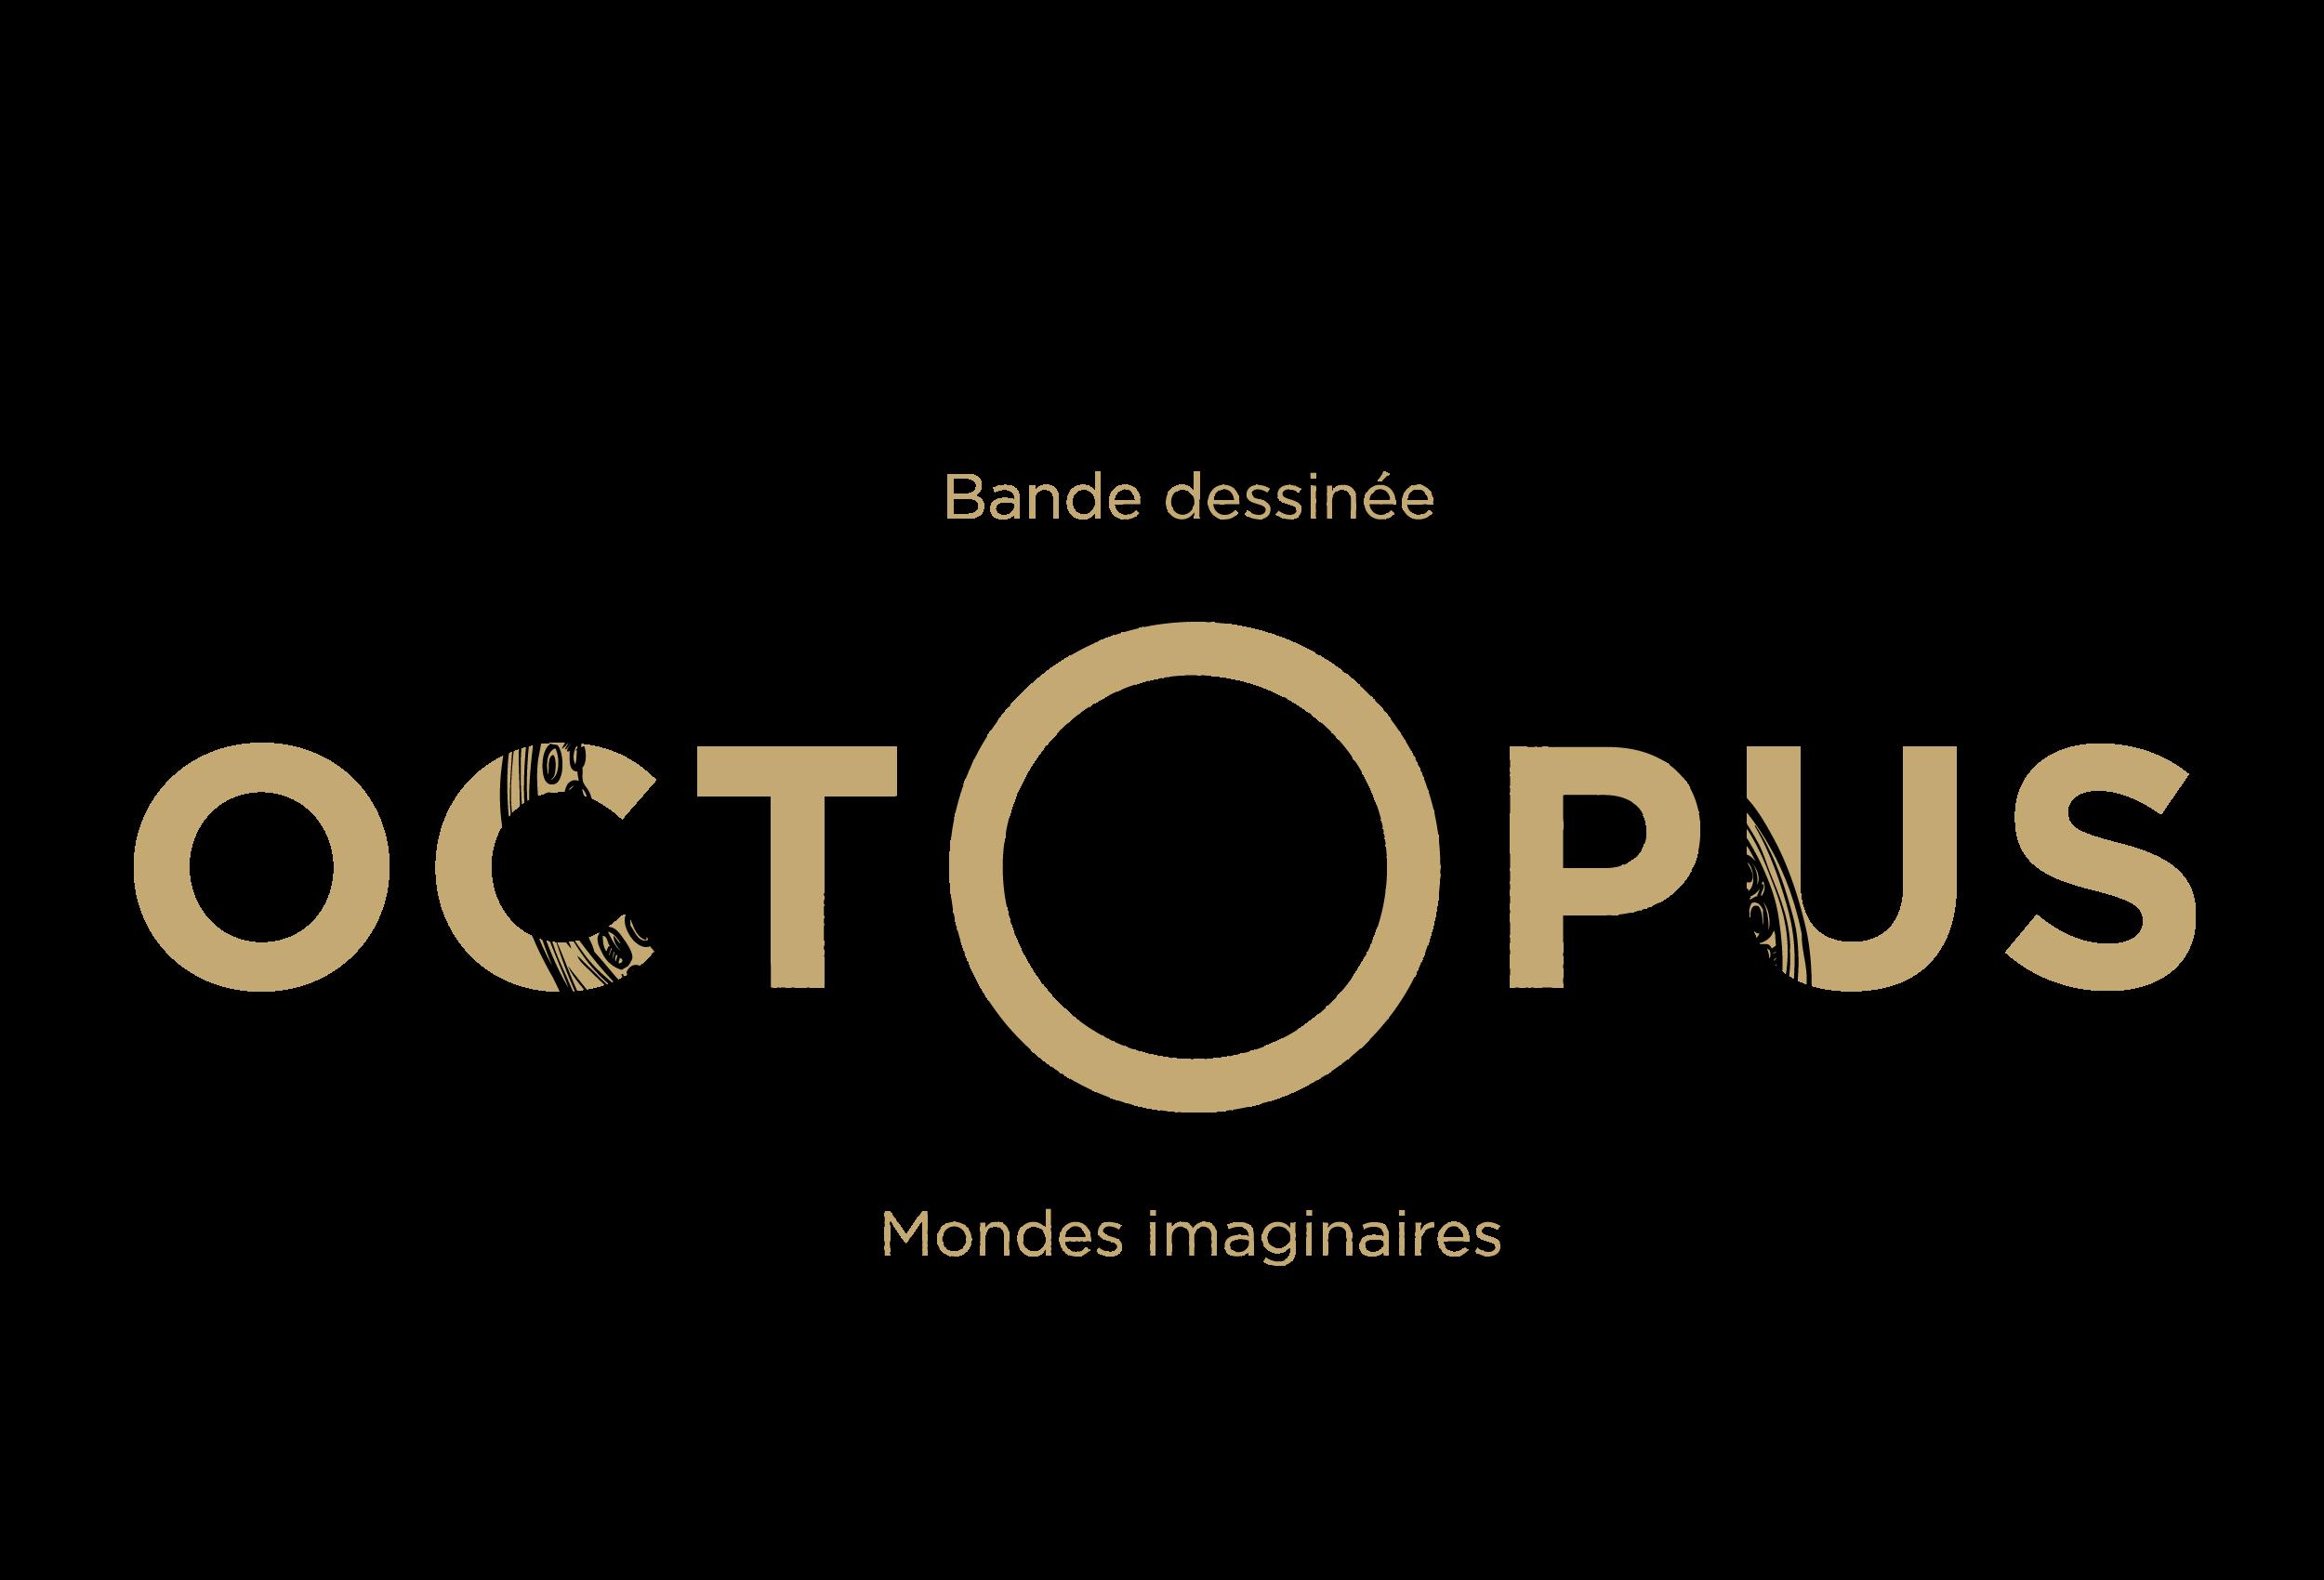 Josselin-Tourette-Octopus-identite-2